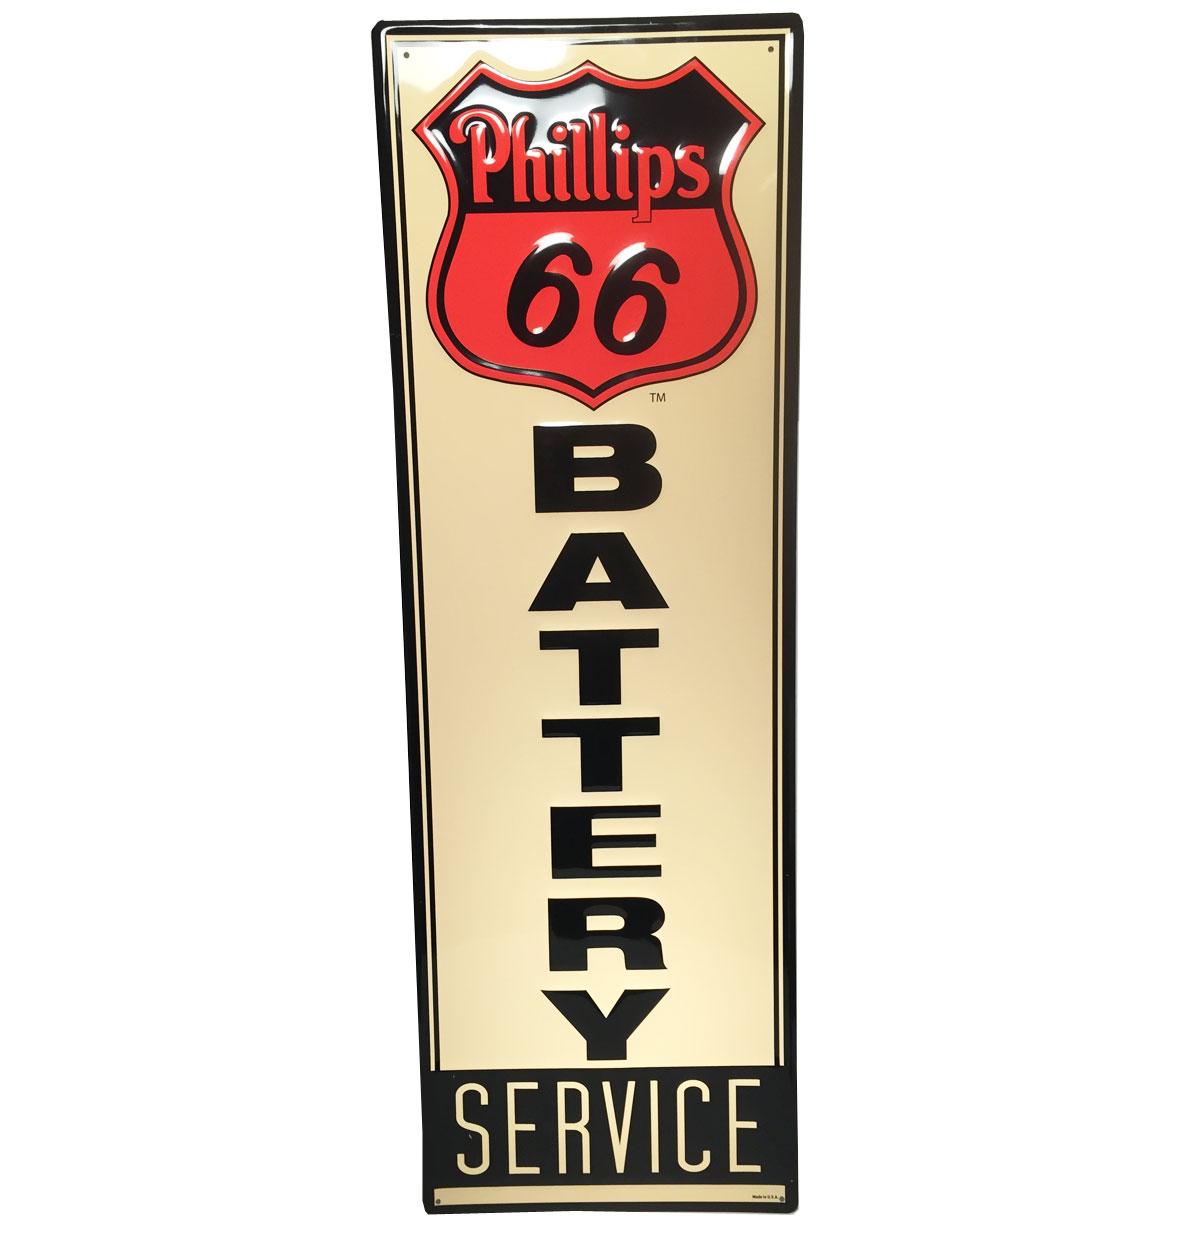 Phillips 66 Battery Service Metalen Bord met Relief